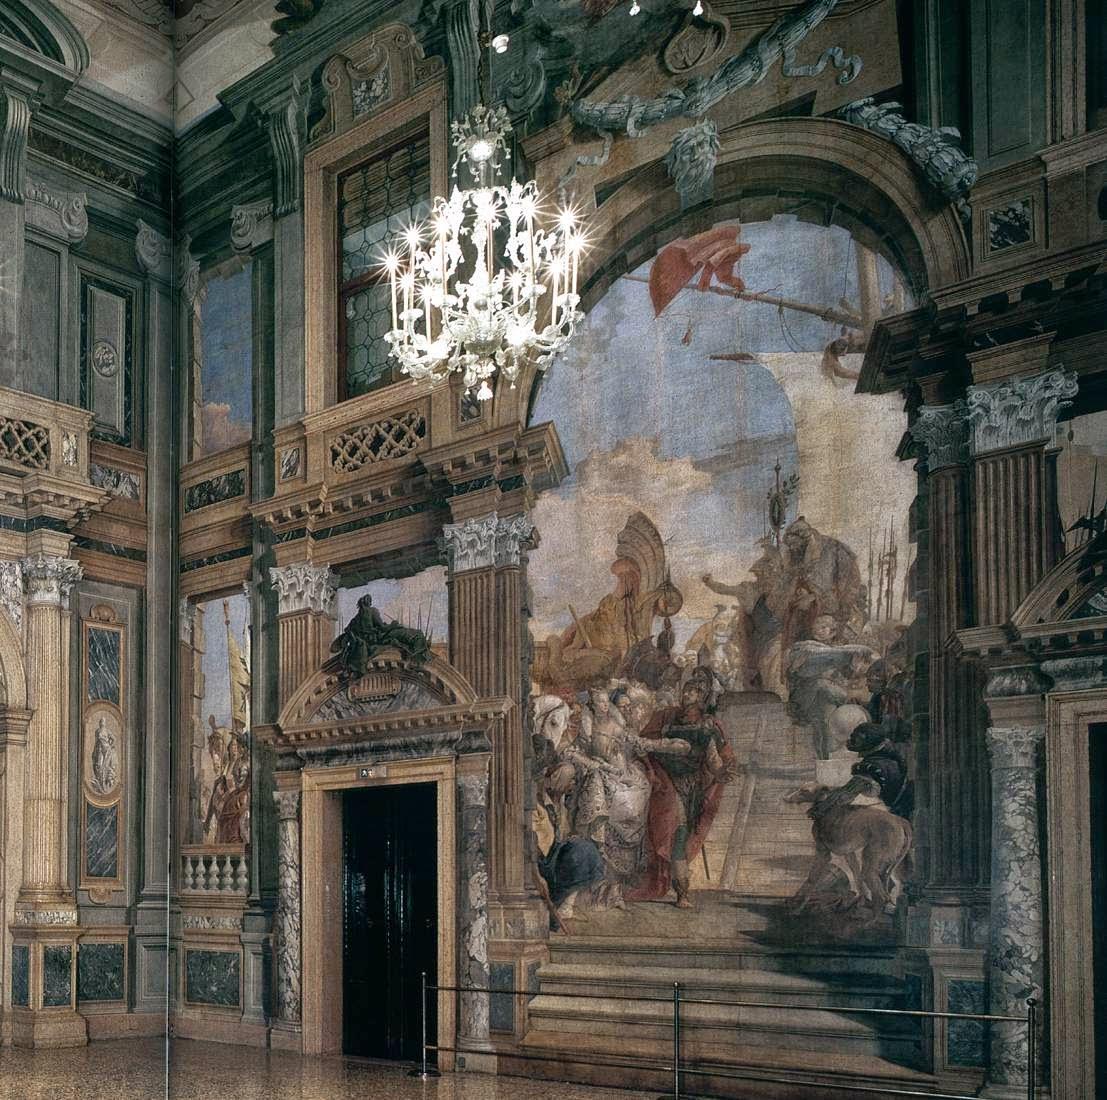 The ballroom (Sala di Ballo), Palazzo Labia, Venice